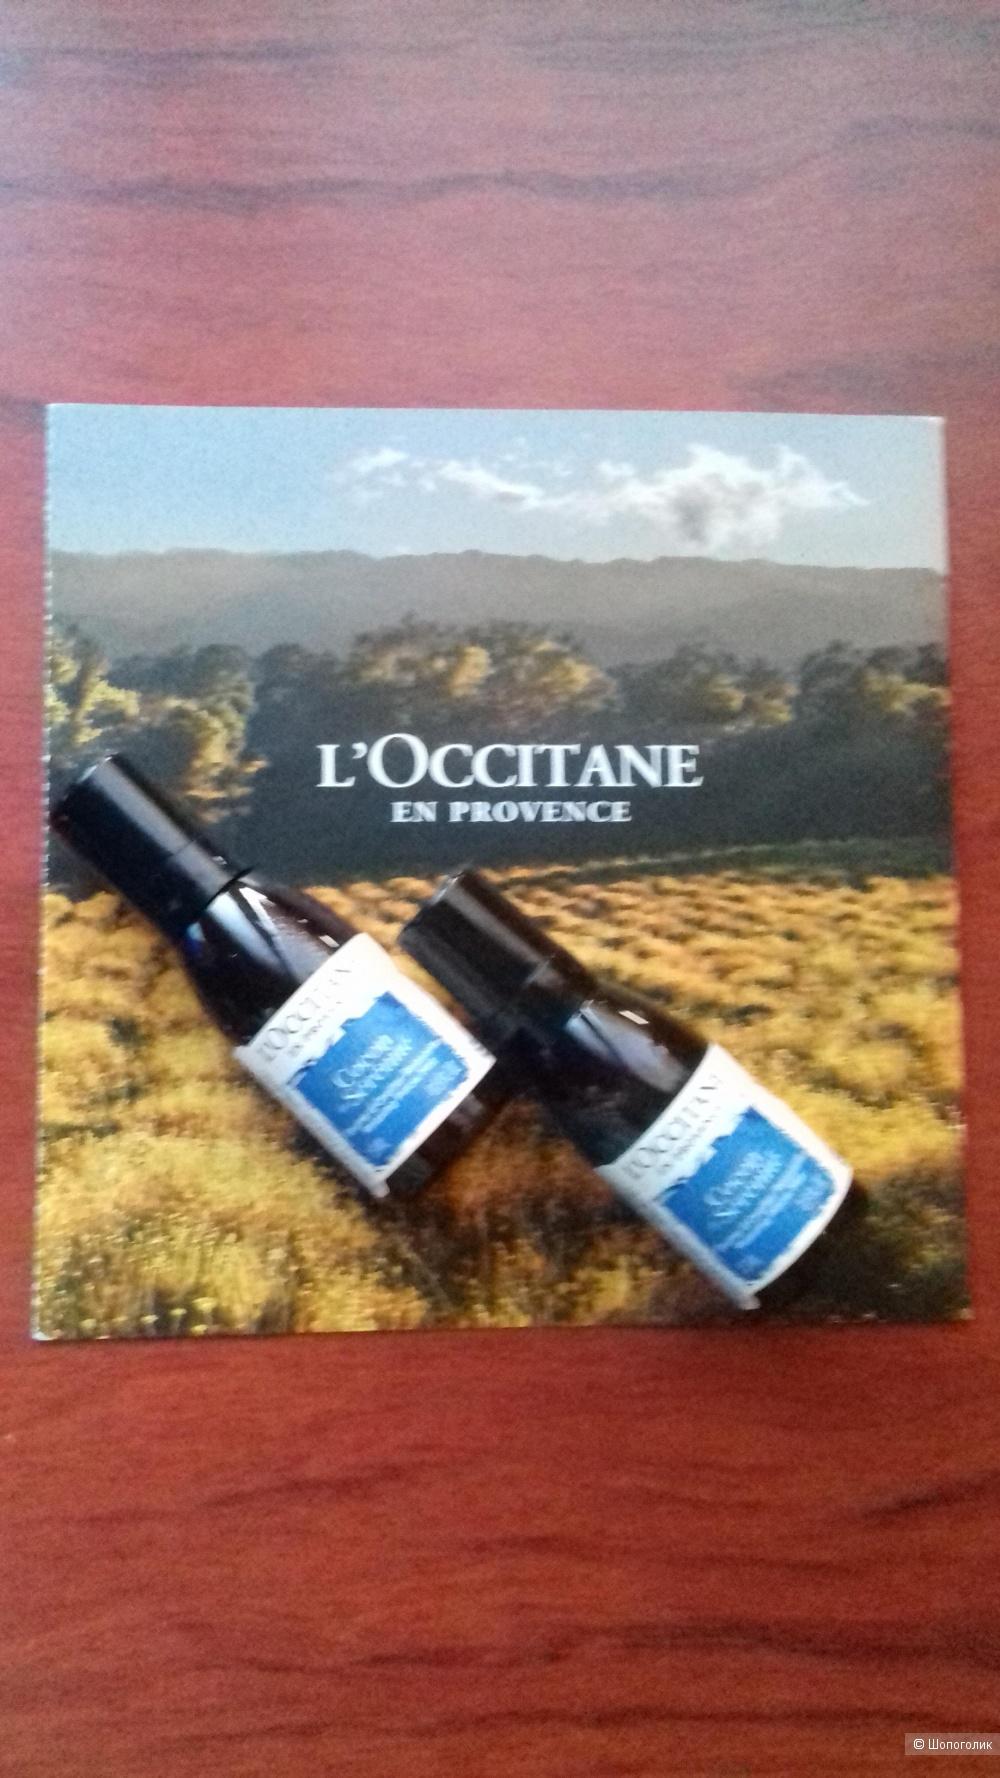 """Расслабляющий спрей для подушки """"Моменты безмятежности"""", L'OCCITANE, 15 ml"""